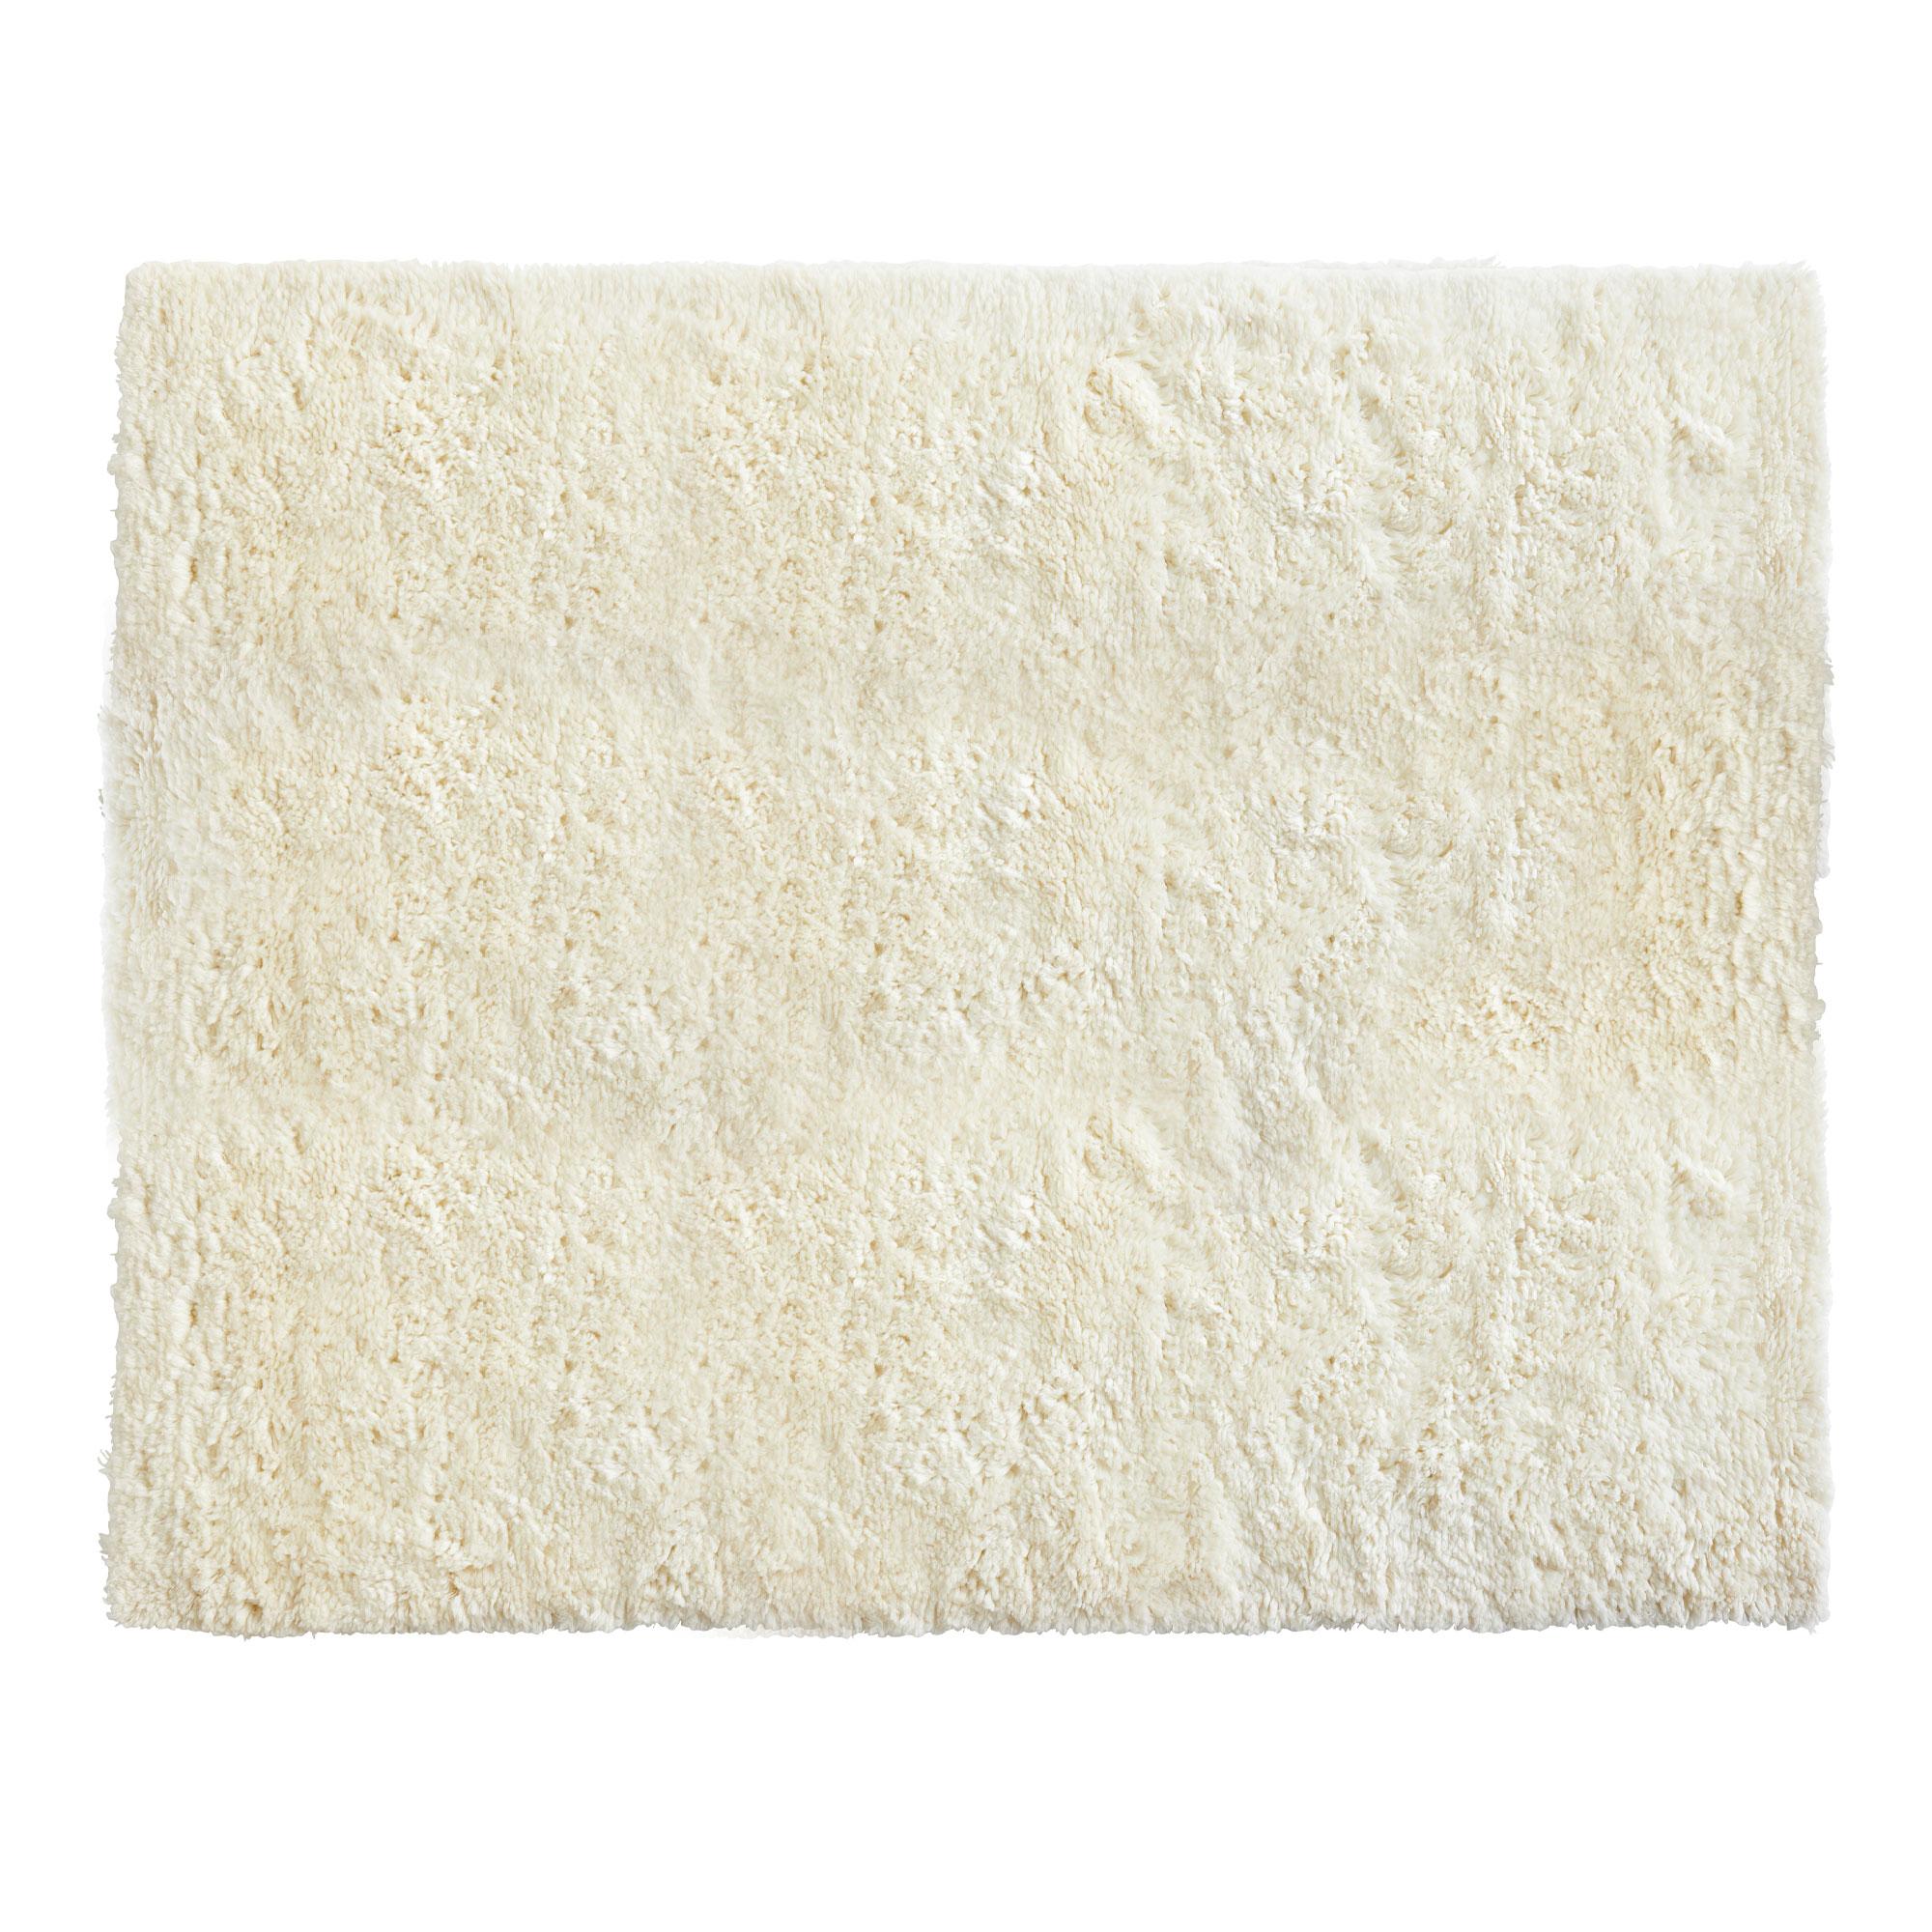 Kasthall Goose Eye Icon köp shaggy rug - cream från hay | nordiska galleriet